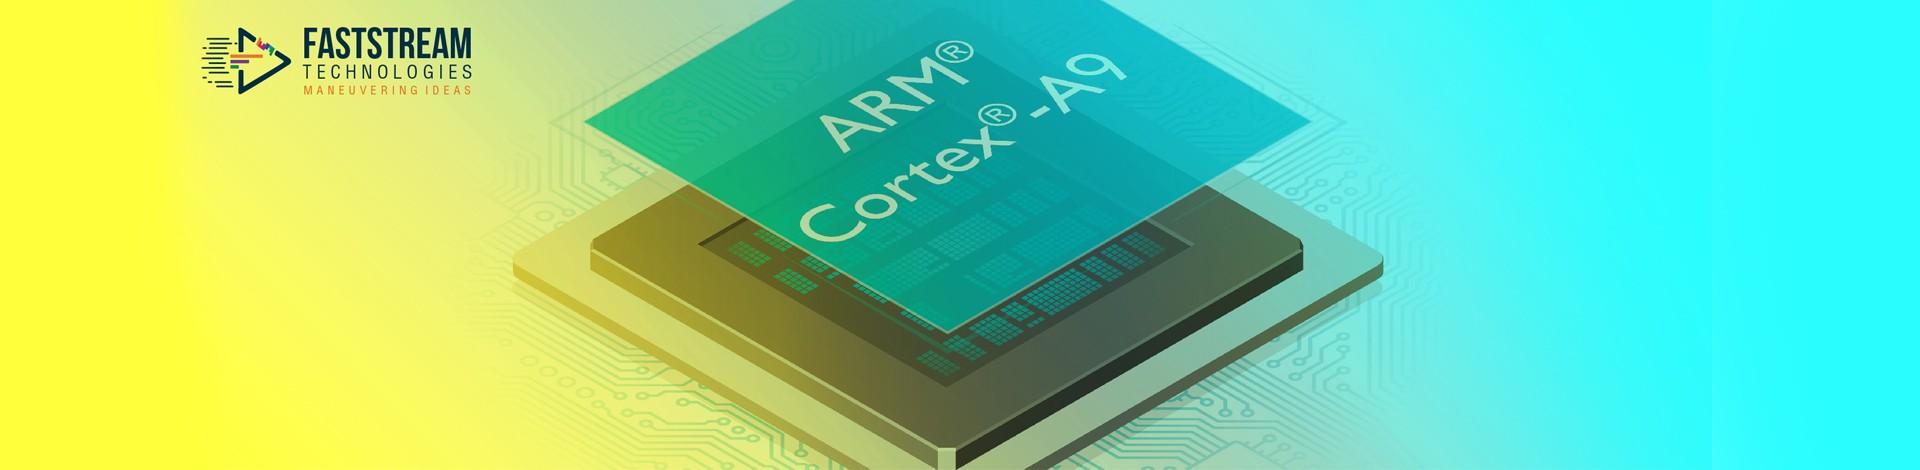 ARM ® Cortex™- A9 architecture